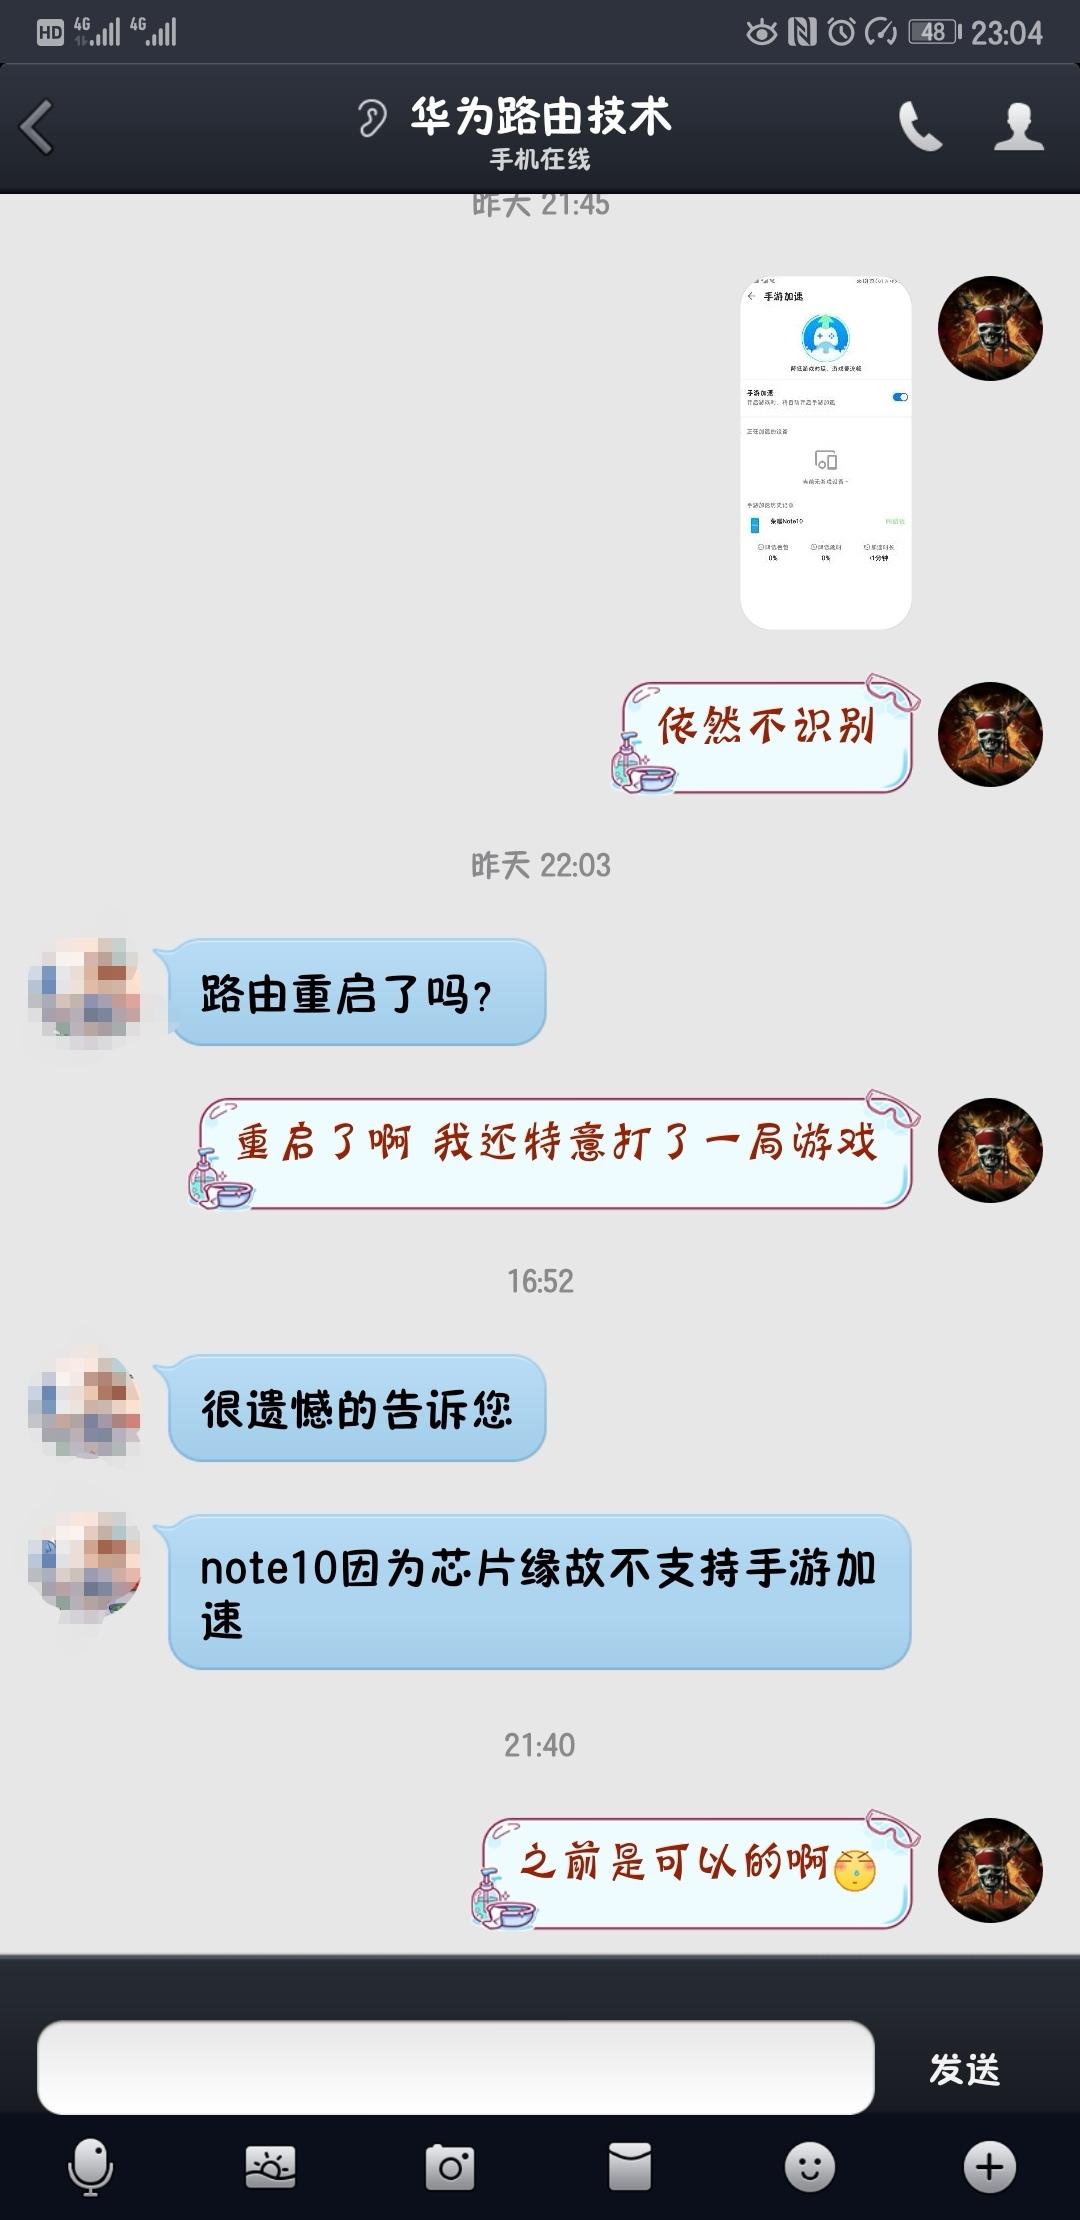 Screenshot_20200702_081423.jpg